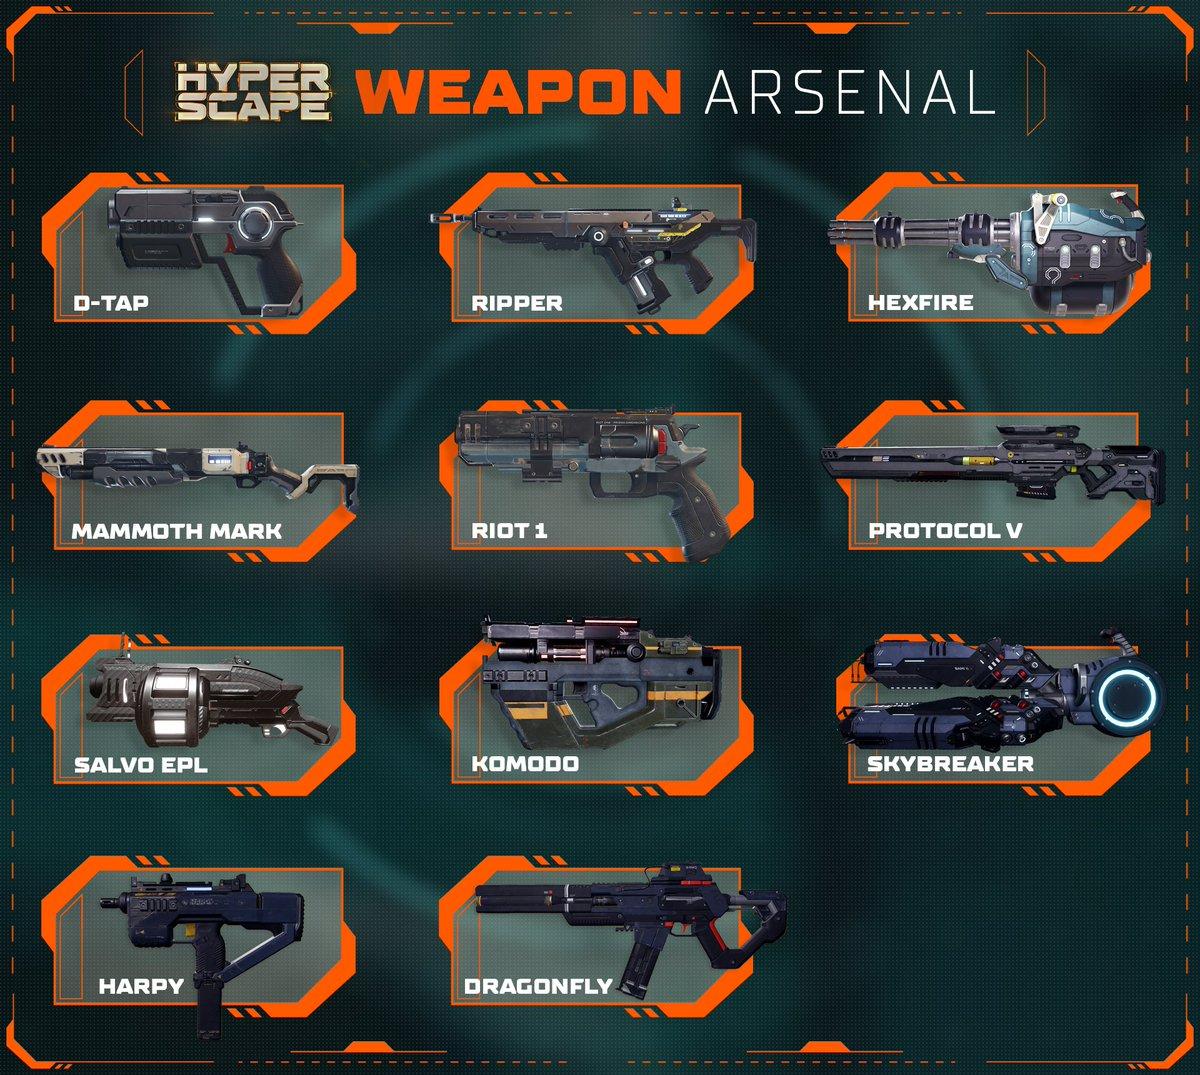 Оружие в Hyper Scape.